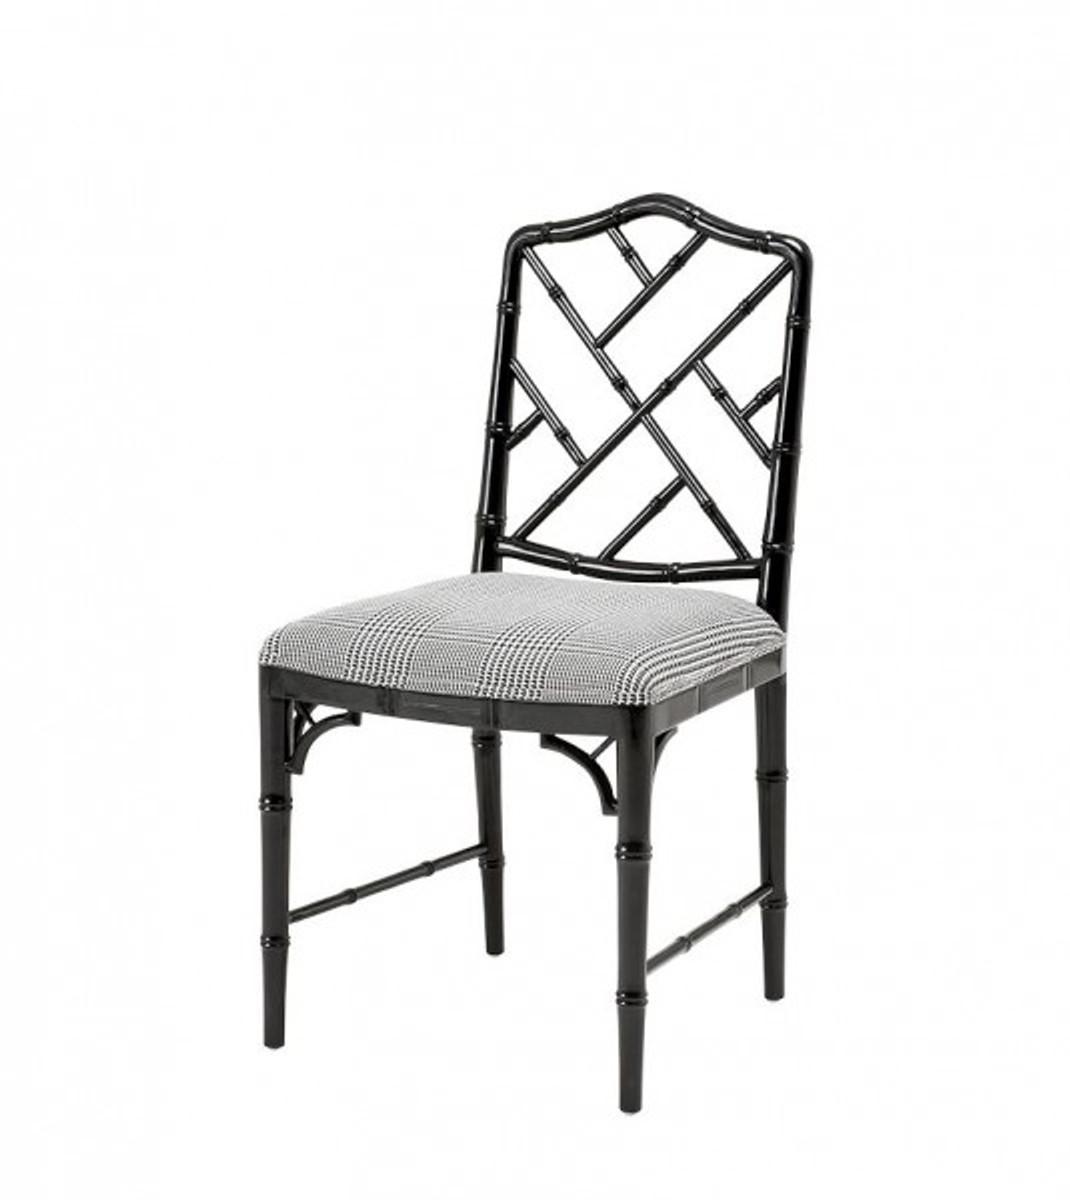 Casa Padrino Luxus Esszimmer Stuhl Schwarz - Hotel Restaurant Stuhl Stühle Luxus Stühle Luxus ...